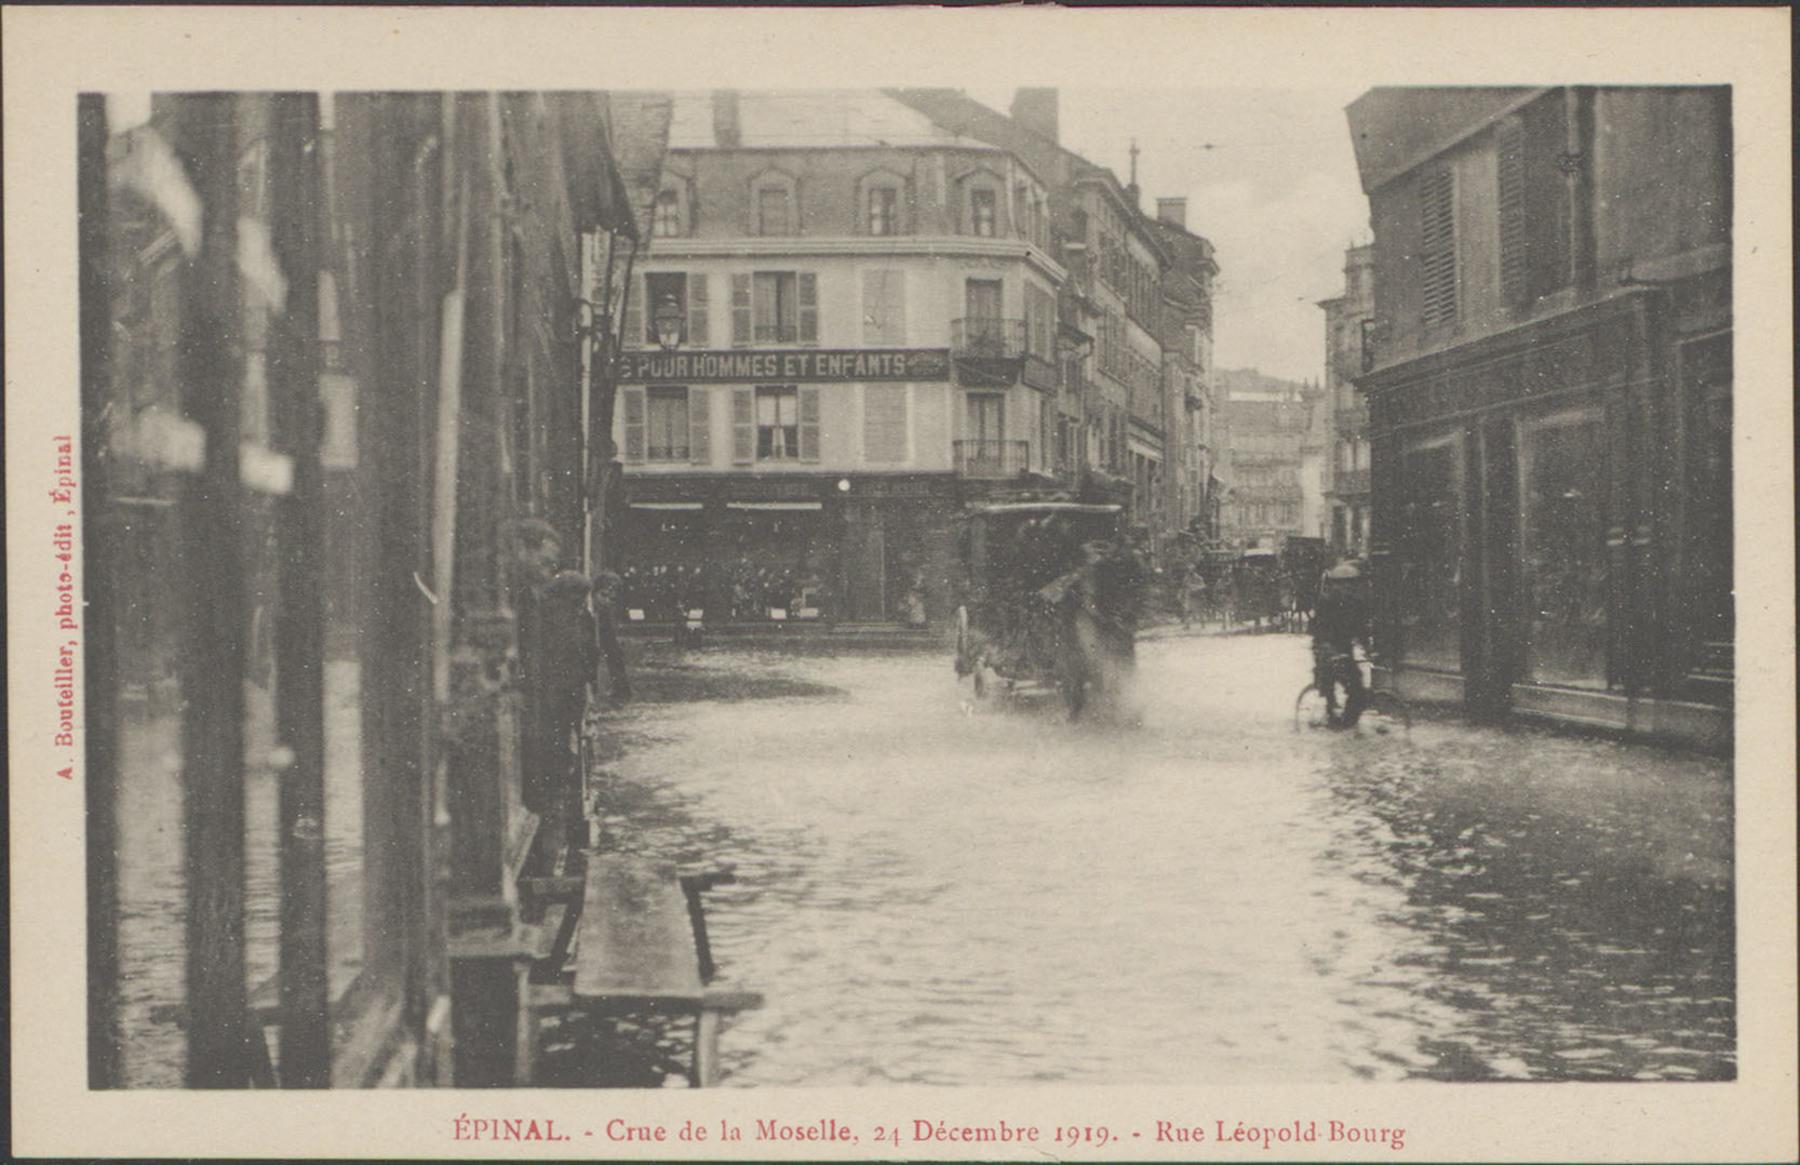 Contenu du Épinal, Crue de la Moselle, 24 décembre 1919, Rue Léopold-Bourg